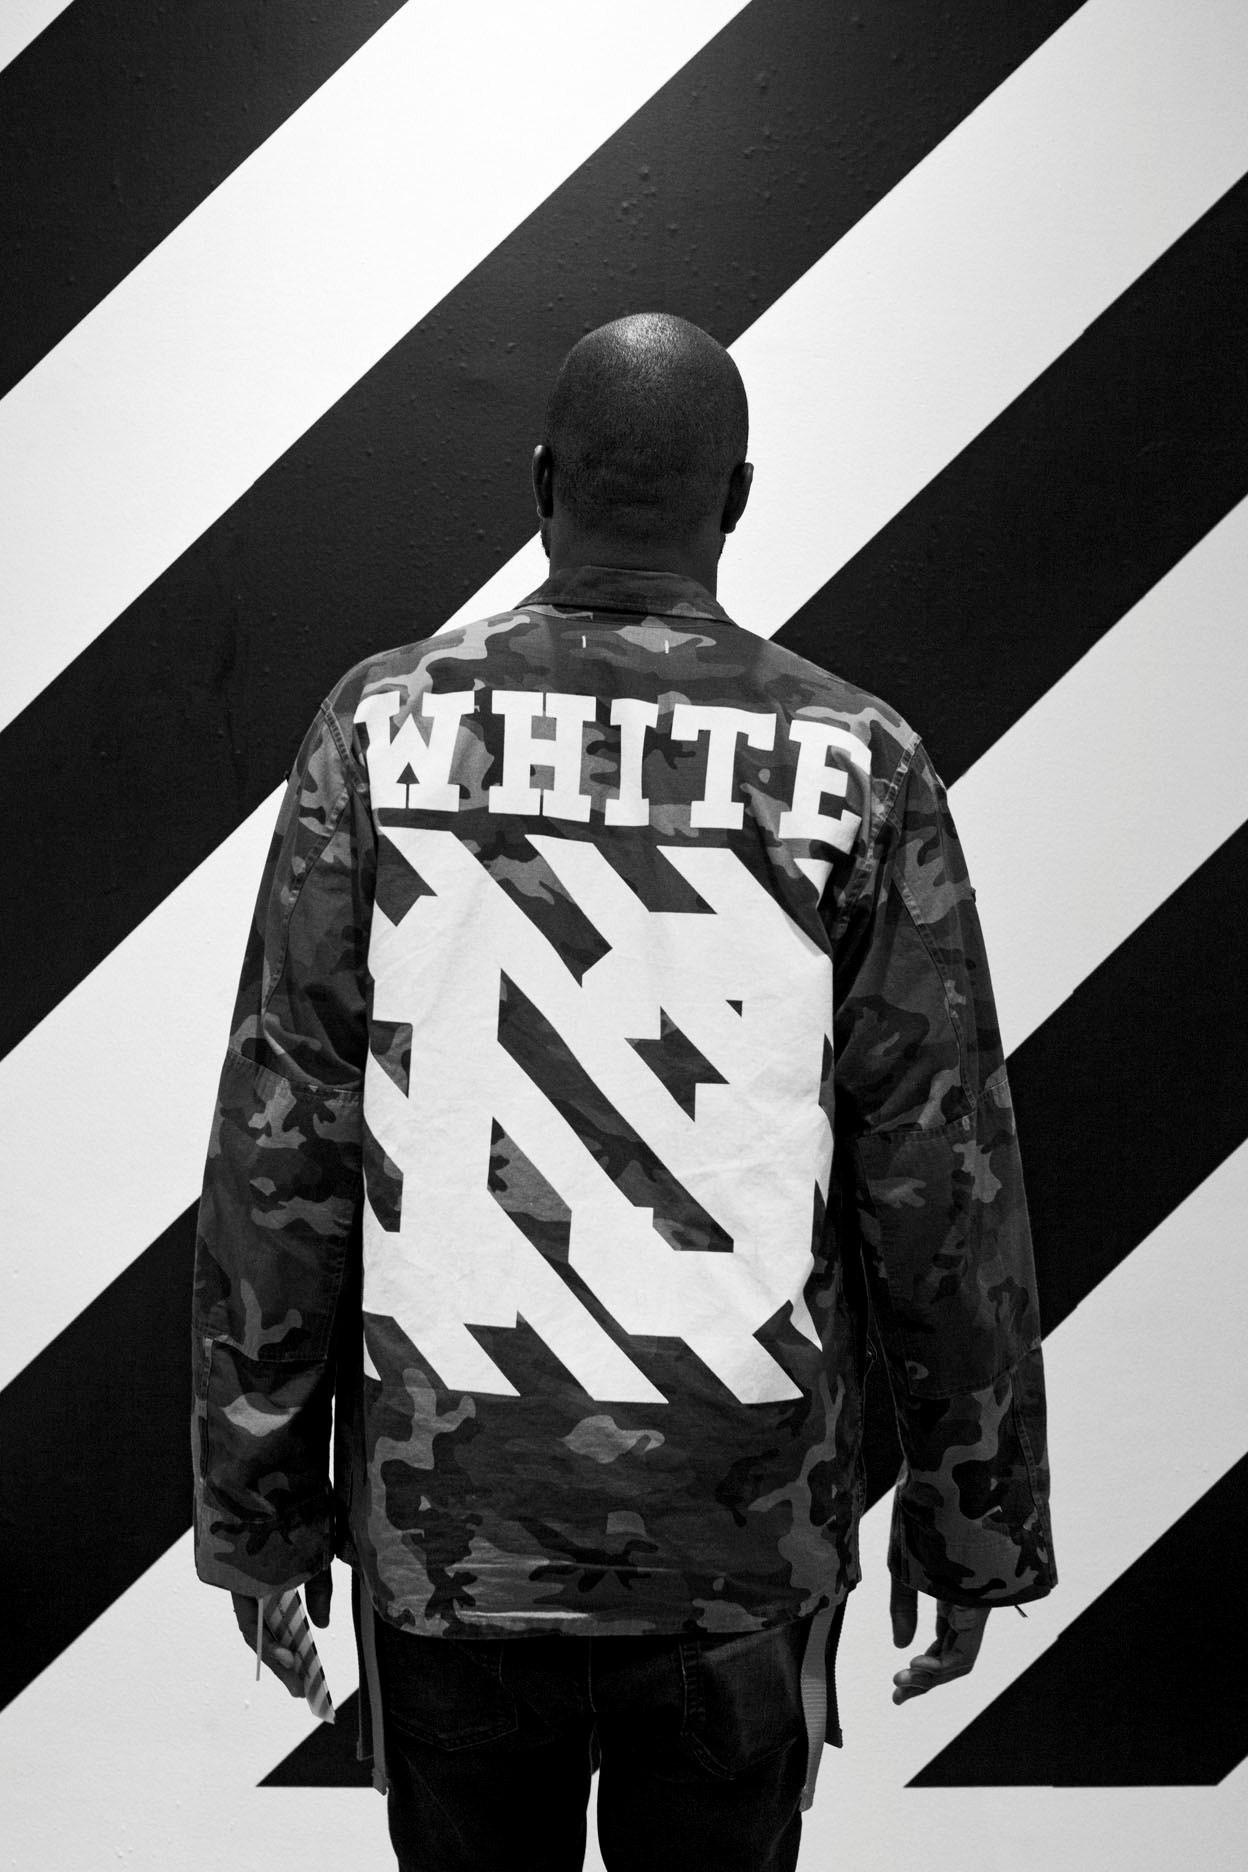 Virgil Abloh - Off White Brand Wallpaper Hd - HD Wallpaper